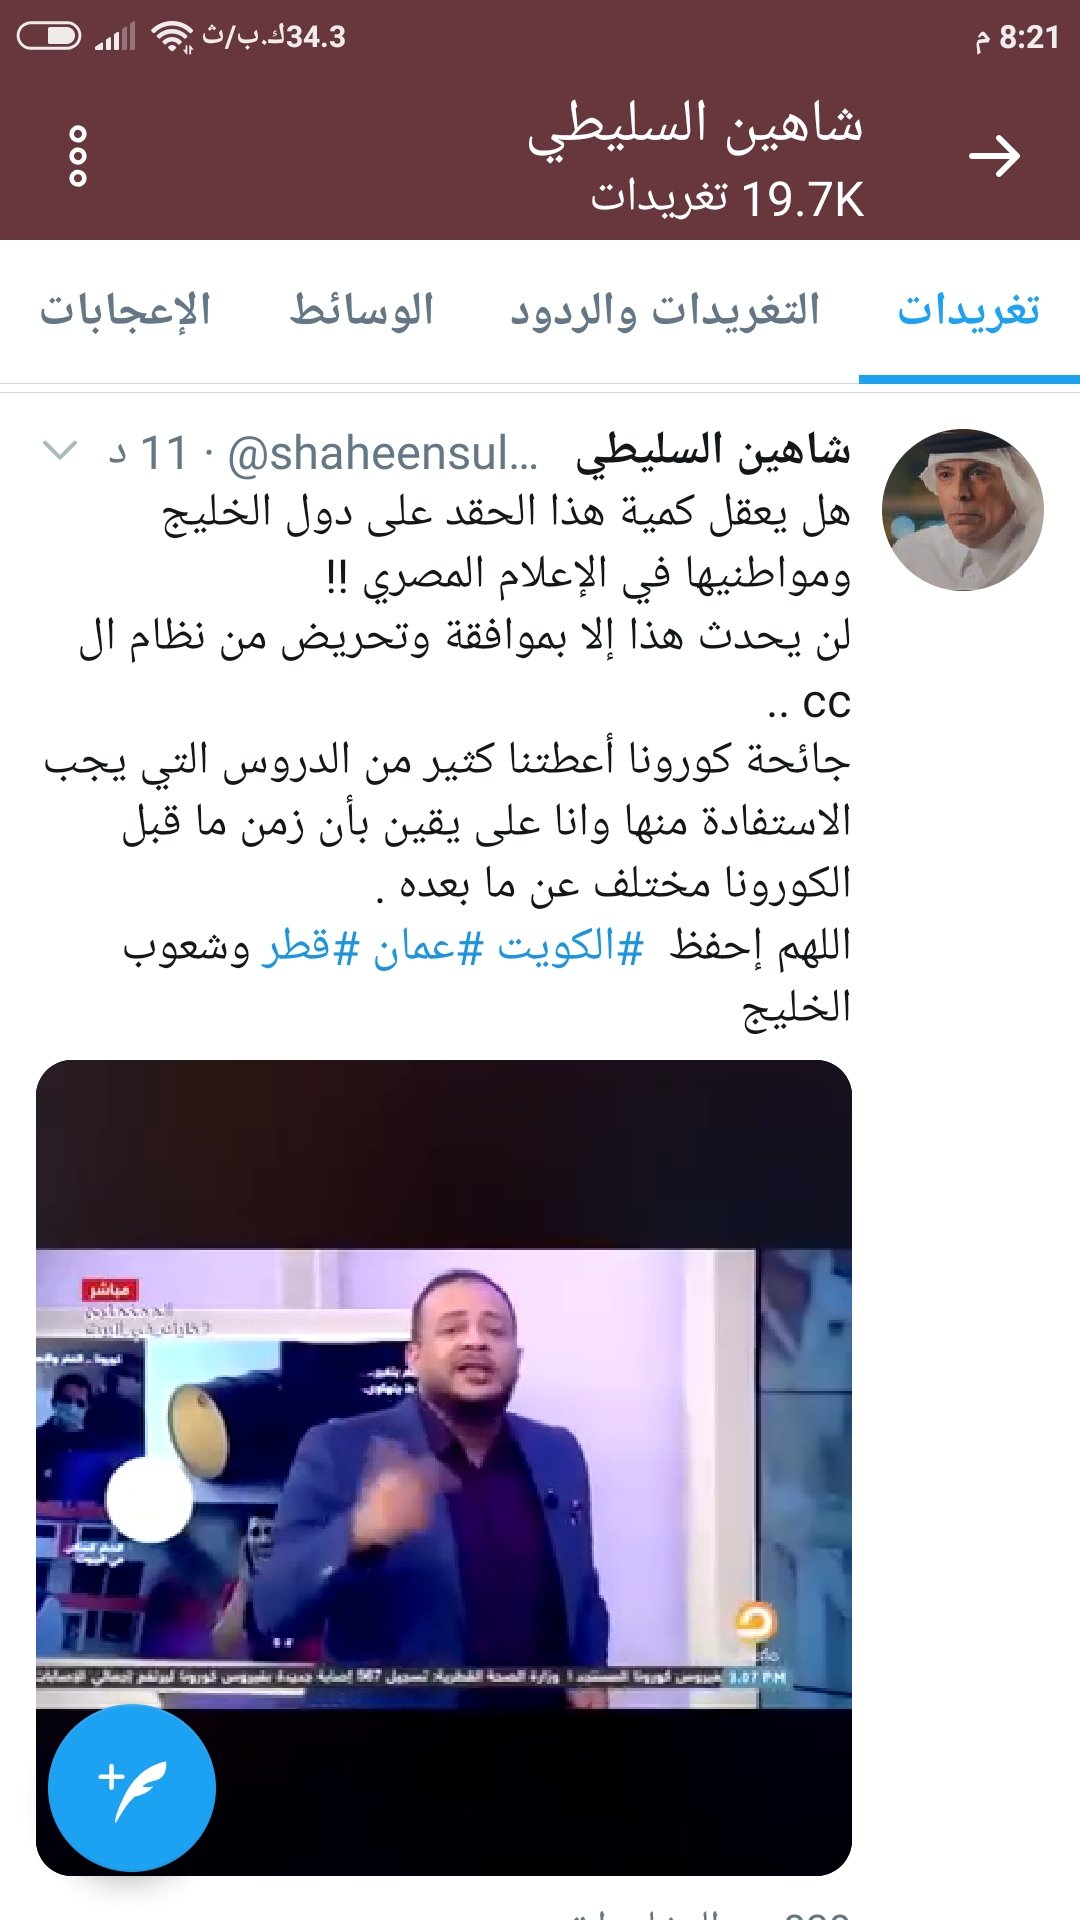 رد: فيديو : بهدله وشماته بأهل الخليج واخر شي انتم اخوانا وحبايبنا قناة مكلم